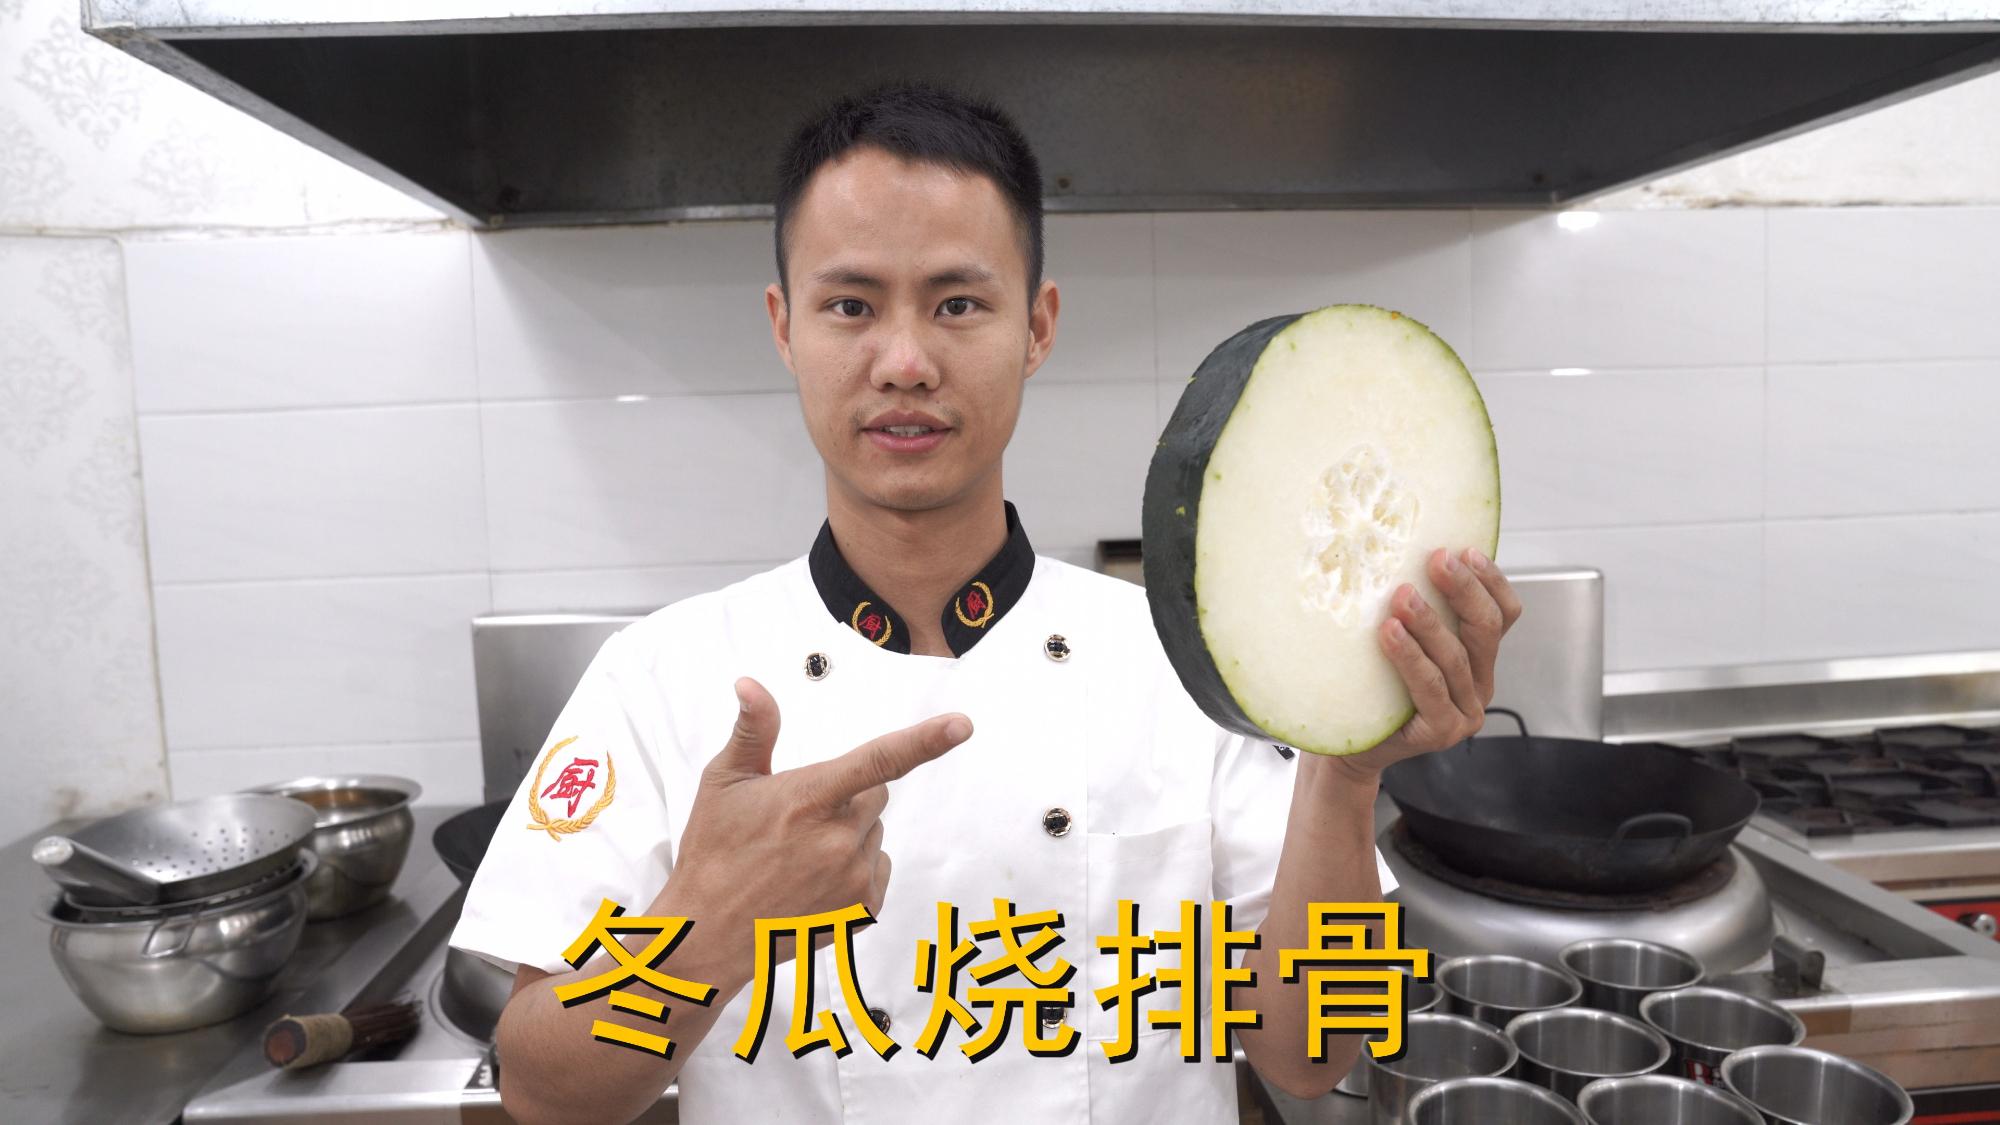 """厨师长教你:""""冬瓜烧排骨""""的家常做法,口感香嫩,先收藏起来"""